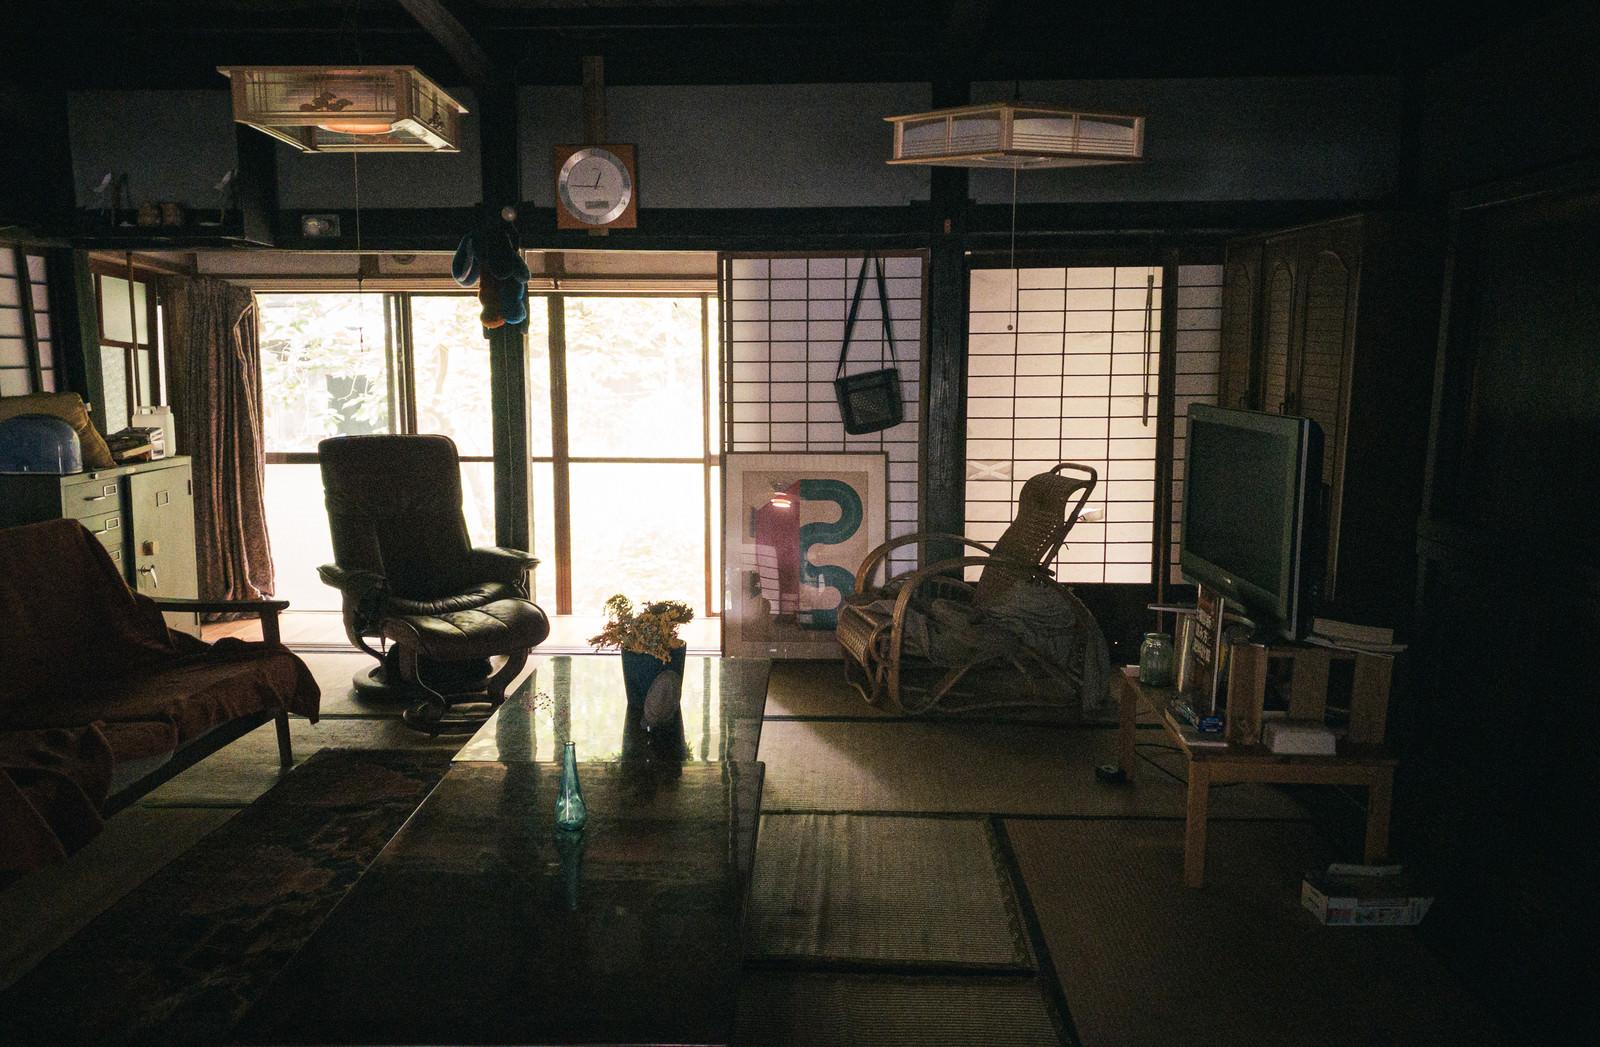 「色々な種類の椅子が目立つ和風の部屋」の写真